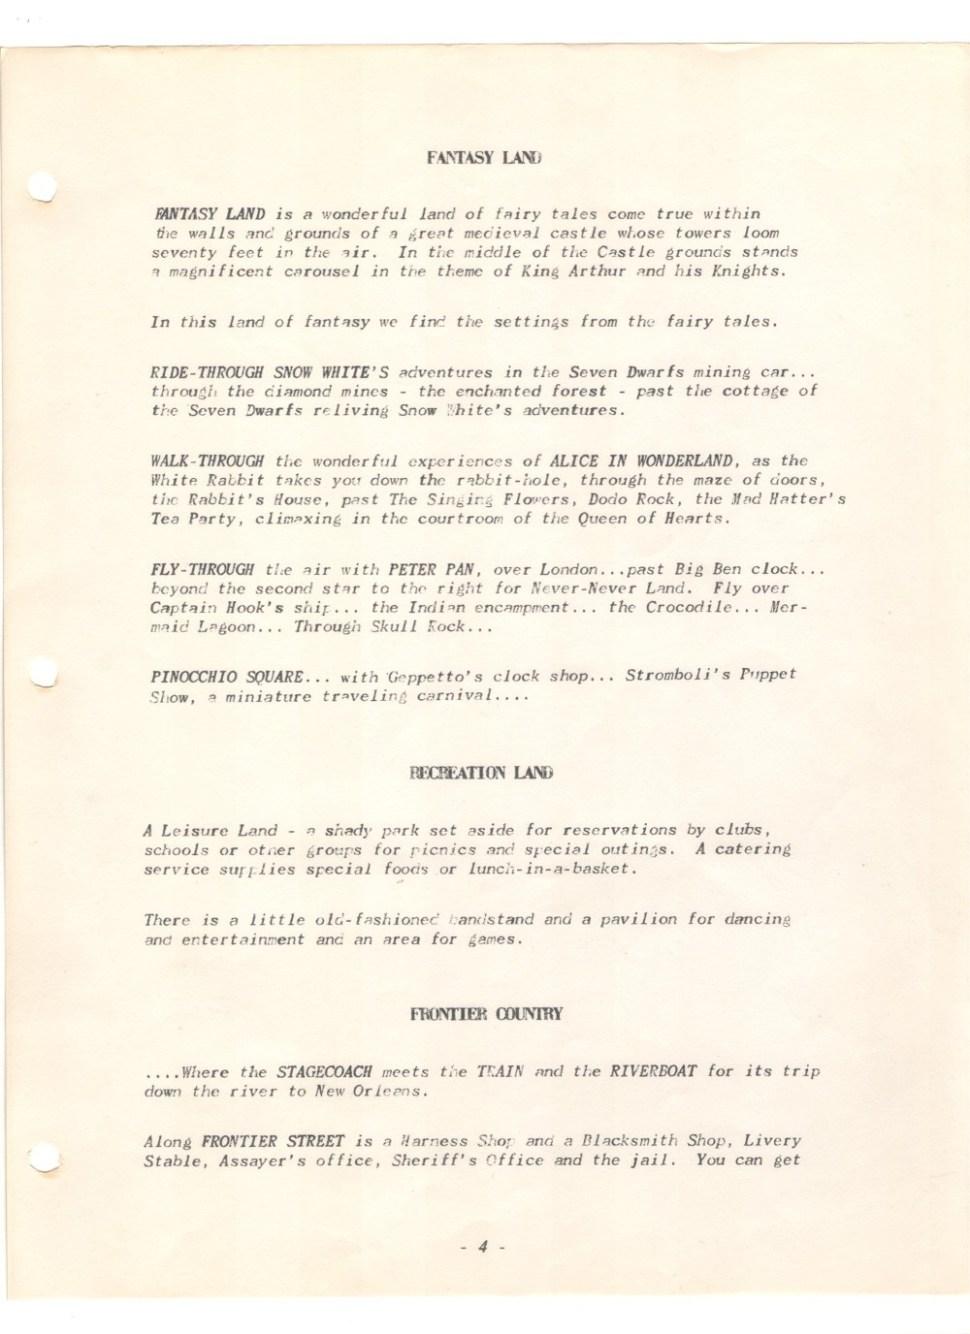 disneyland prospectus-08